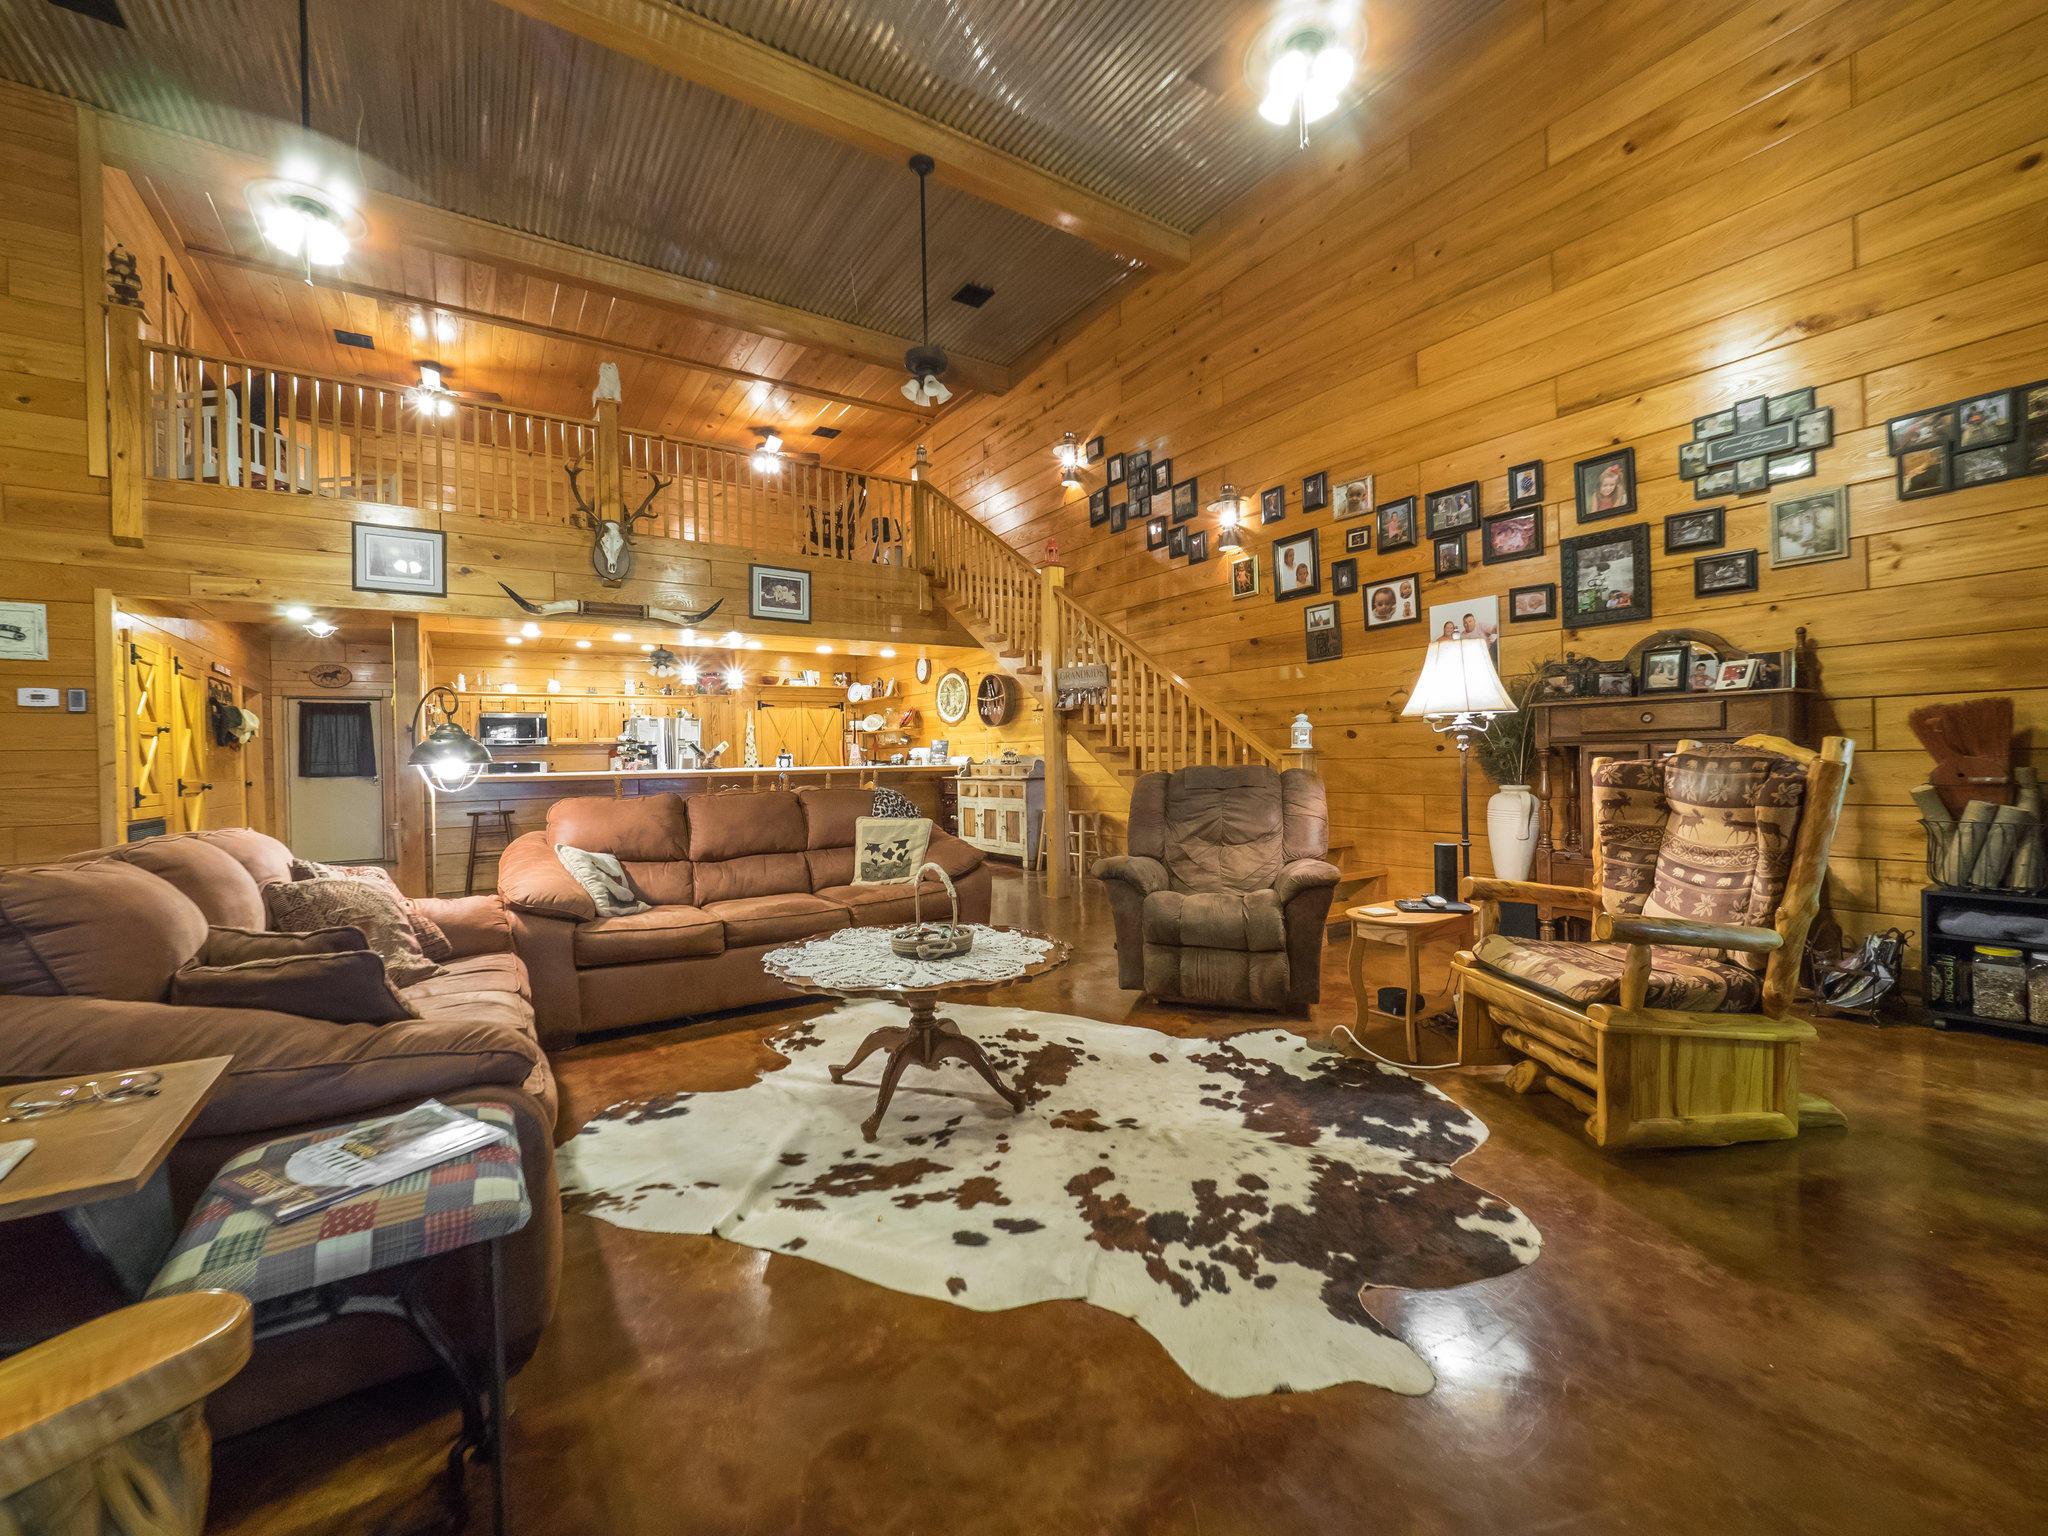 DeRidder home for sale, 4363 Hwy 1147, DeRidder LA - $449,900